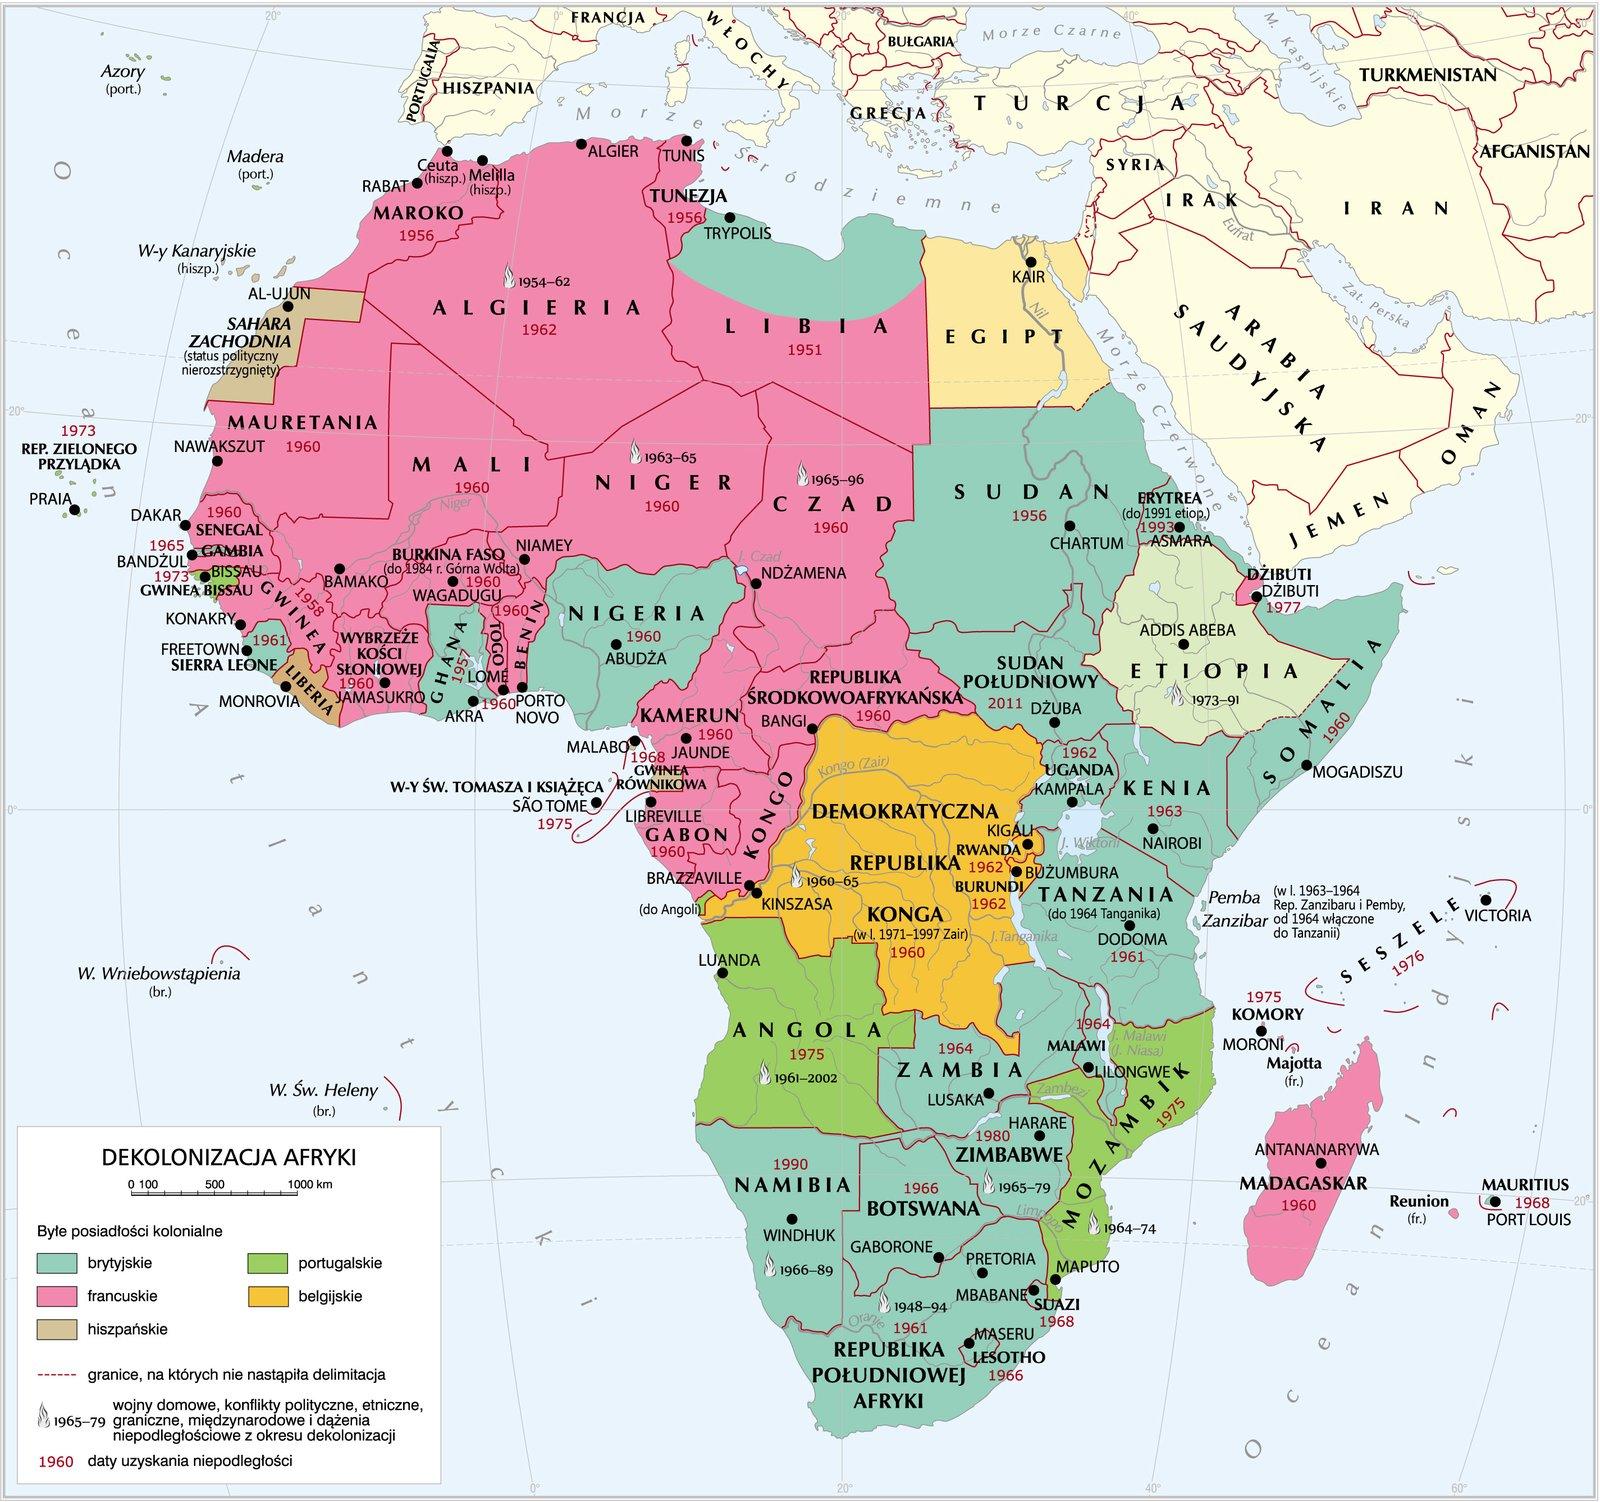 Dekolonizacja Afryki Źródło: Krystian Chariza izespół, Dekolonizacja Afryki, licencja: CC BY 3.0.